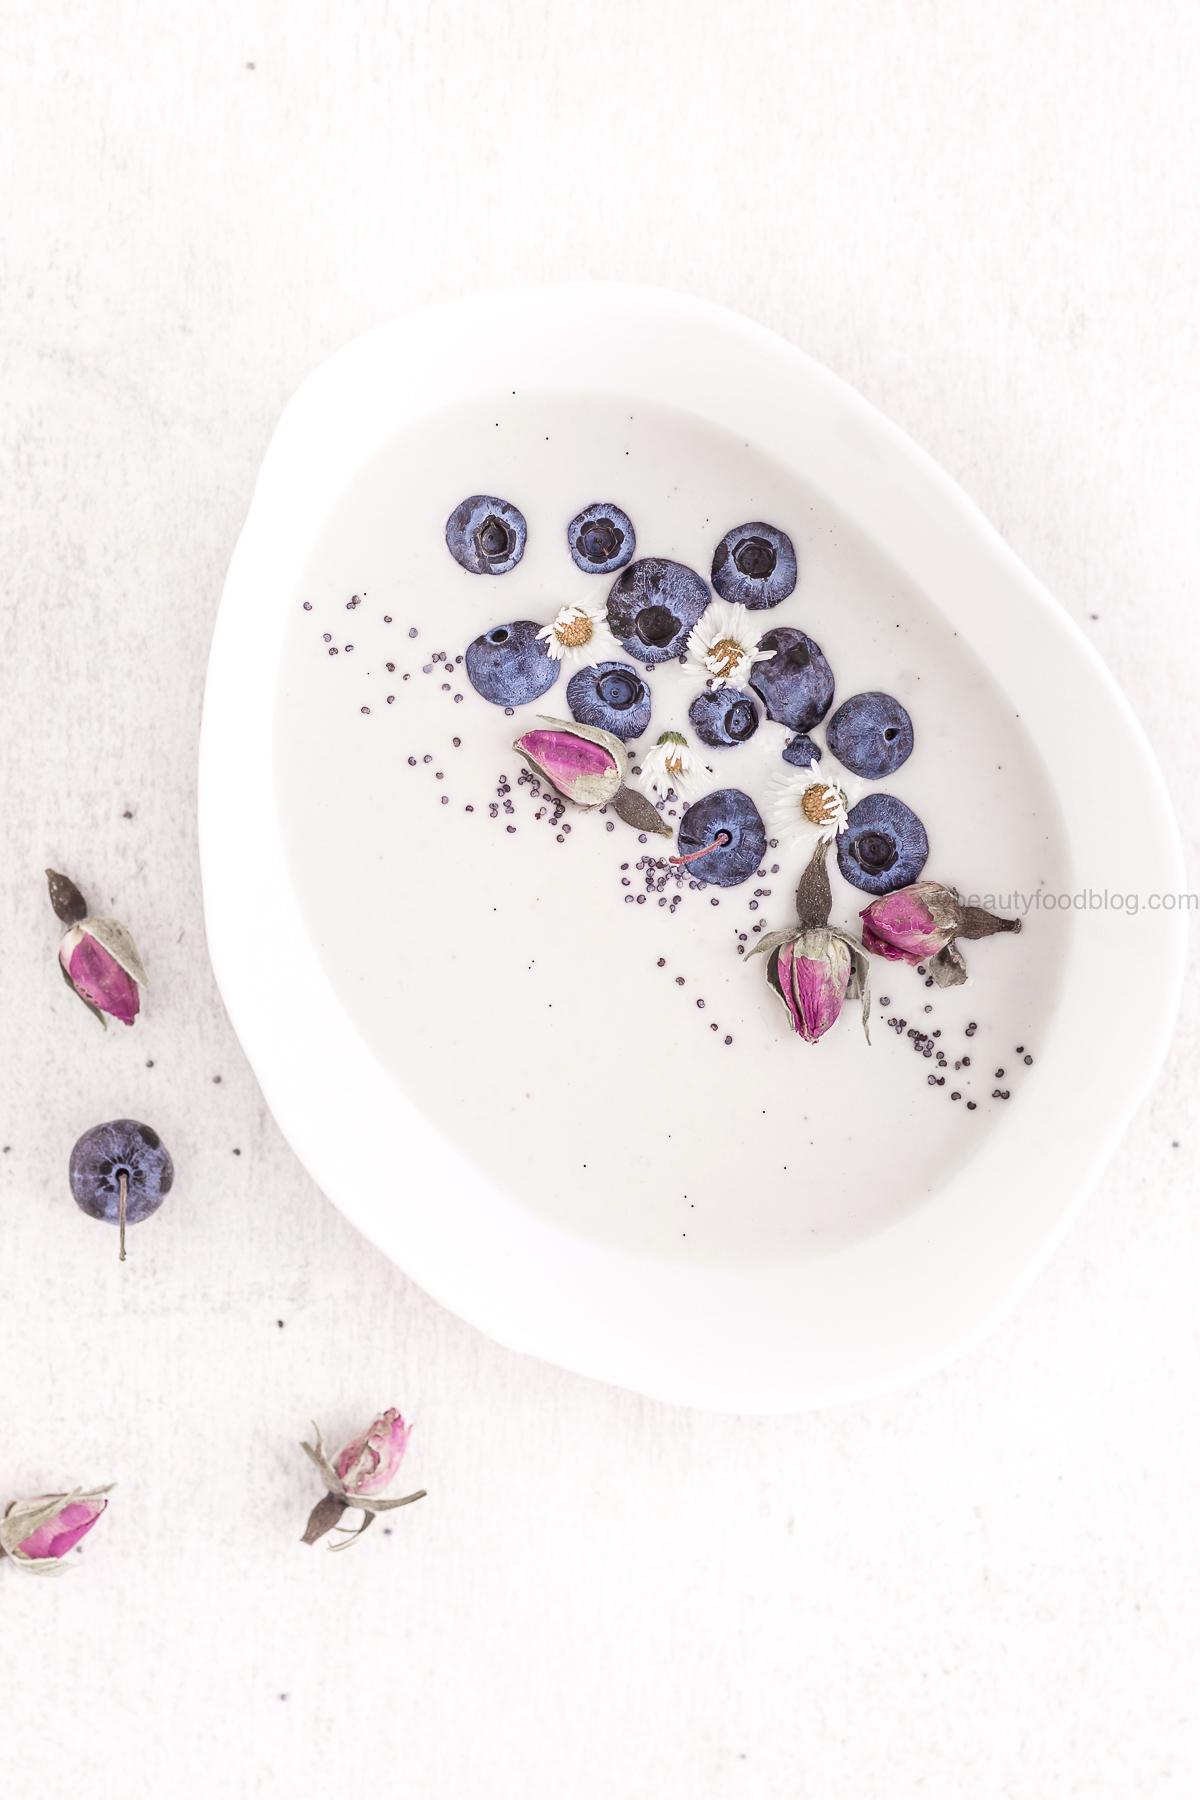 ricetta yogurt vegan fatto in casa raw agli anacardi o mandorle - how to make homemade vegan yogurt no yogurt maker no soy